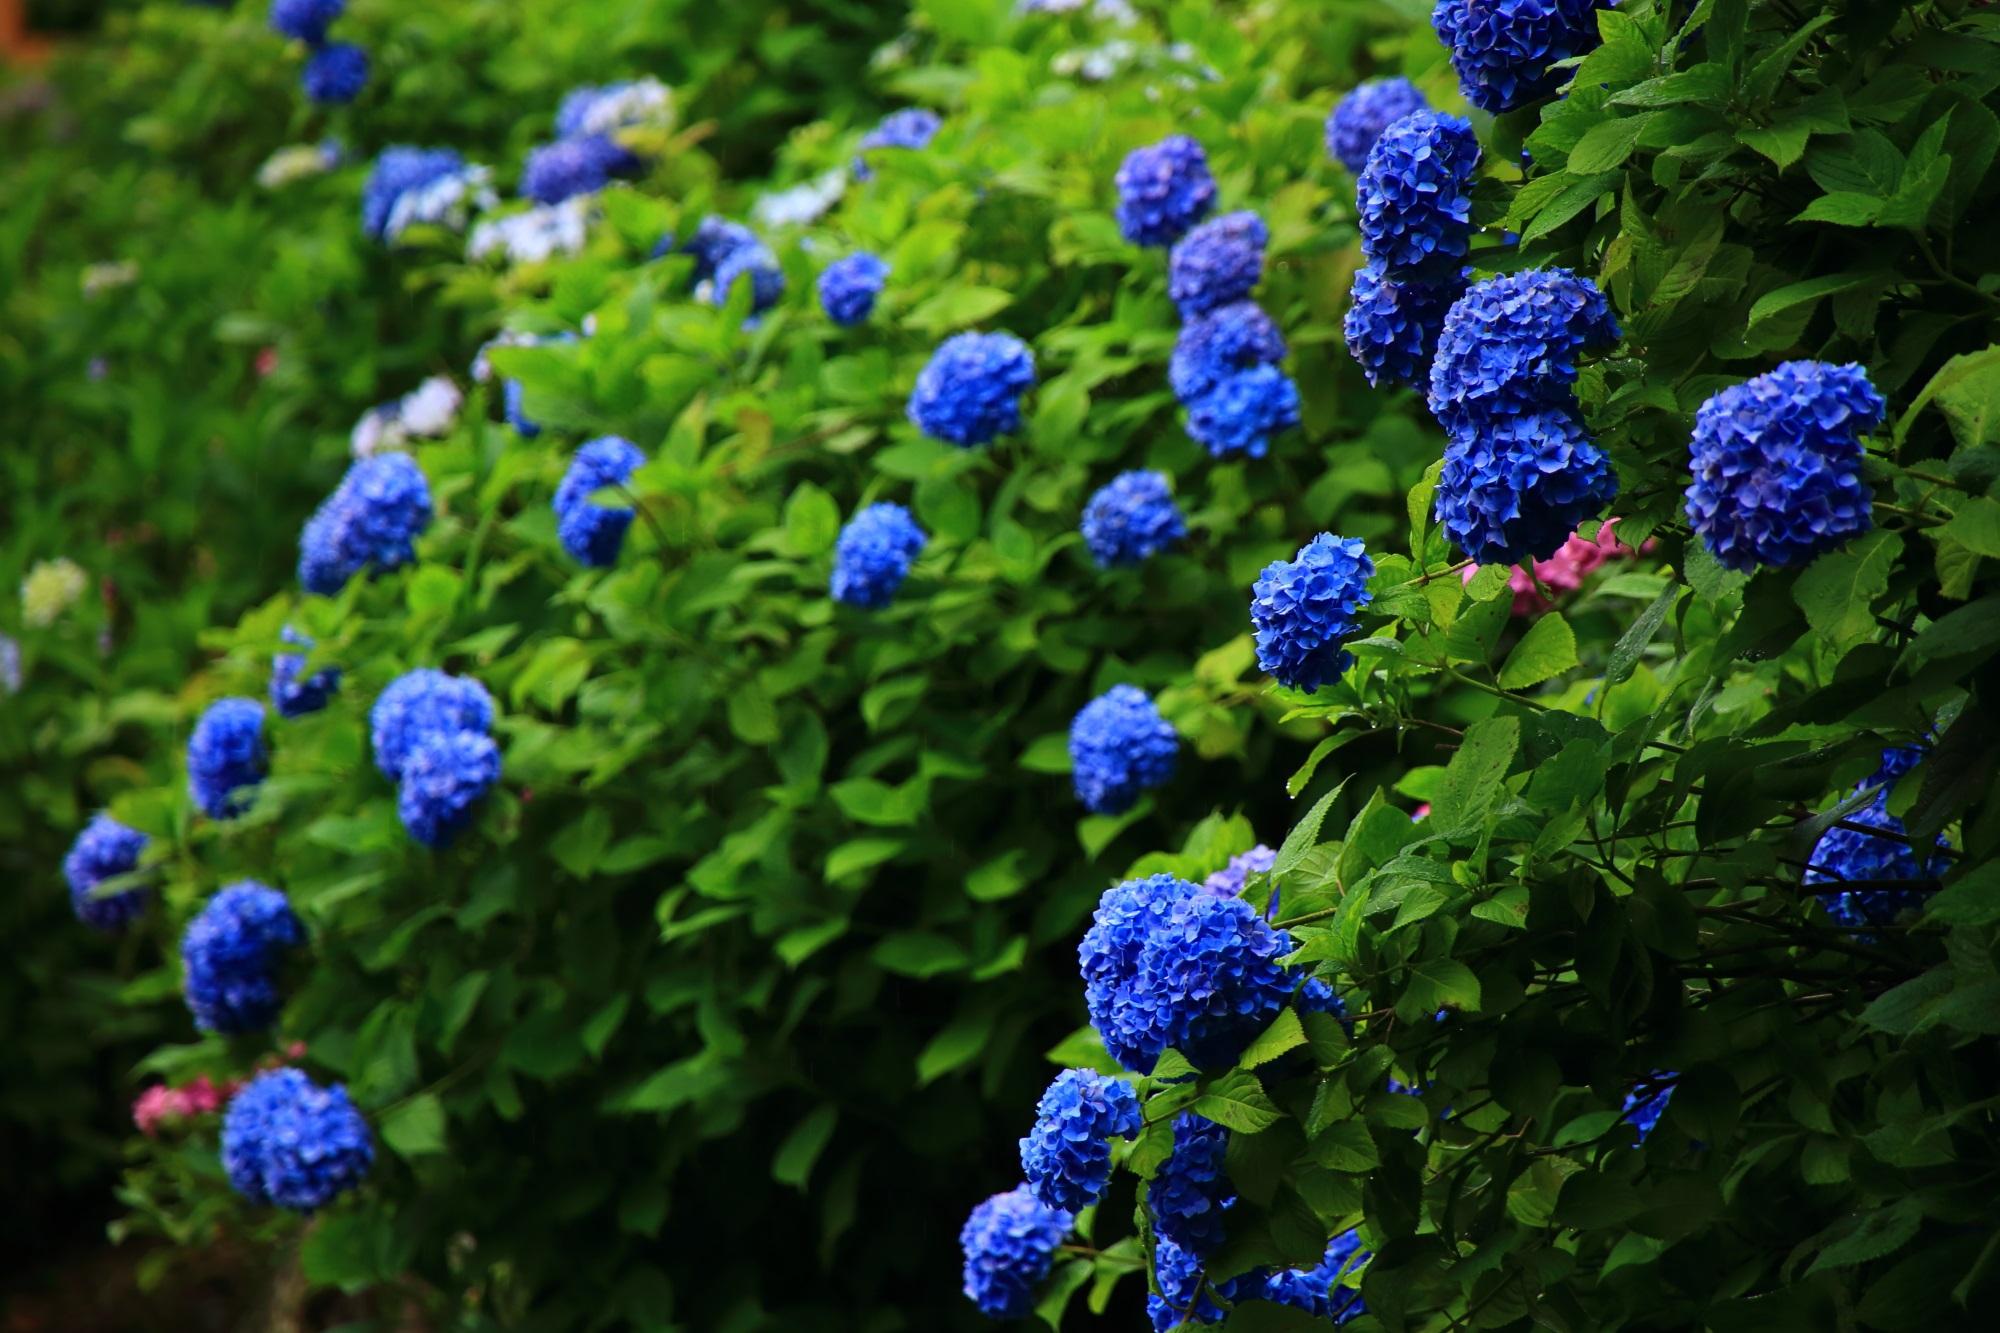 善峯寺の木陰で輝くような鮮やかなブルーの紫陽花